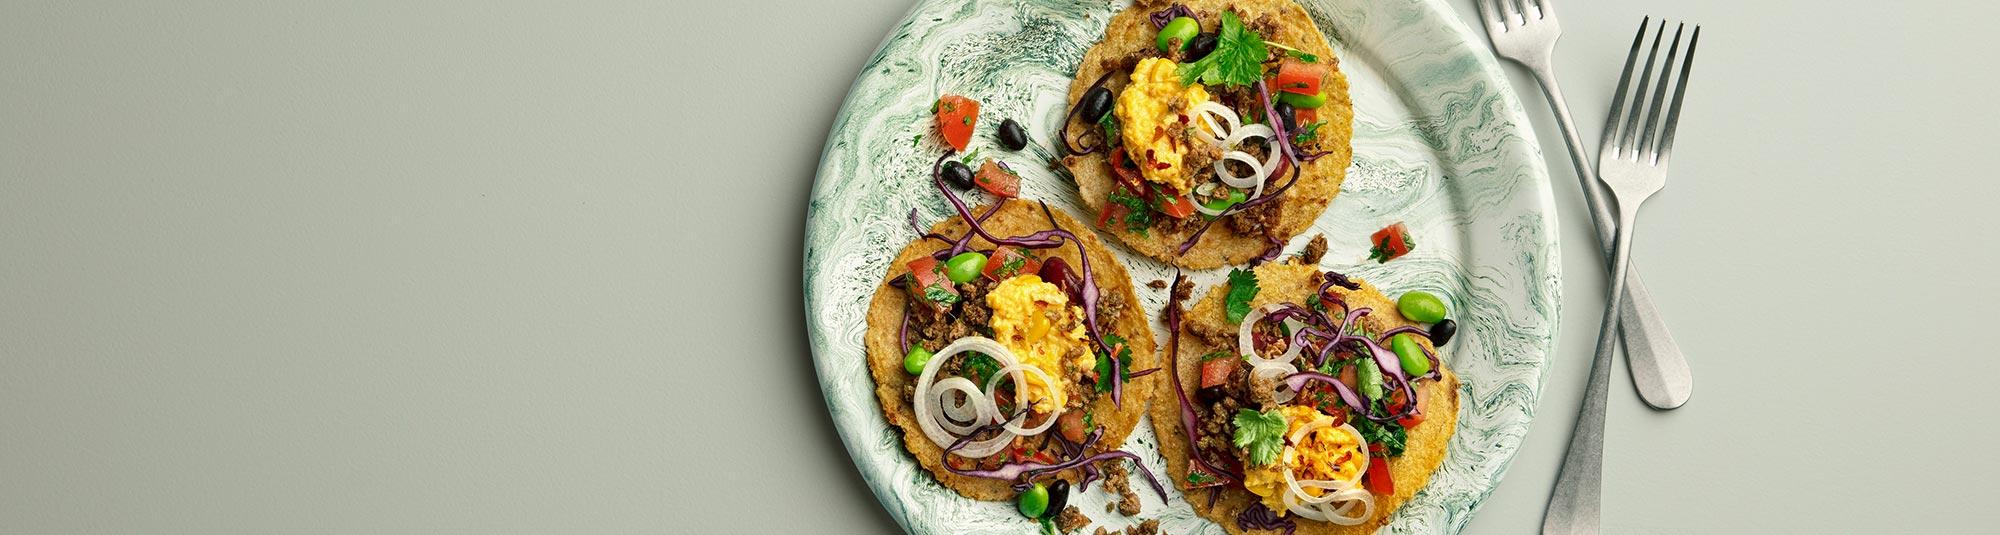 Tostada med vegansk Pease färs och bönsallad.